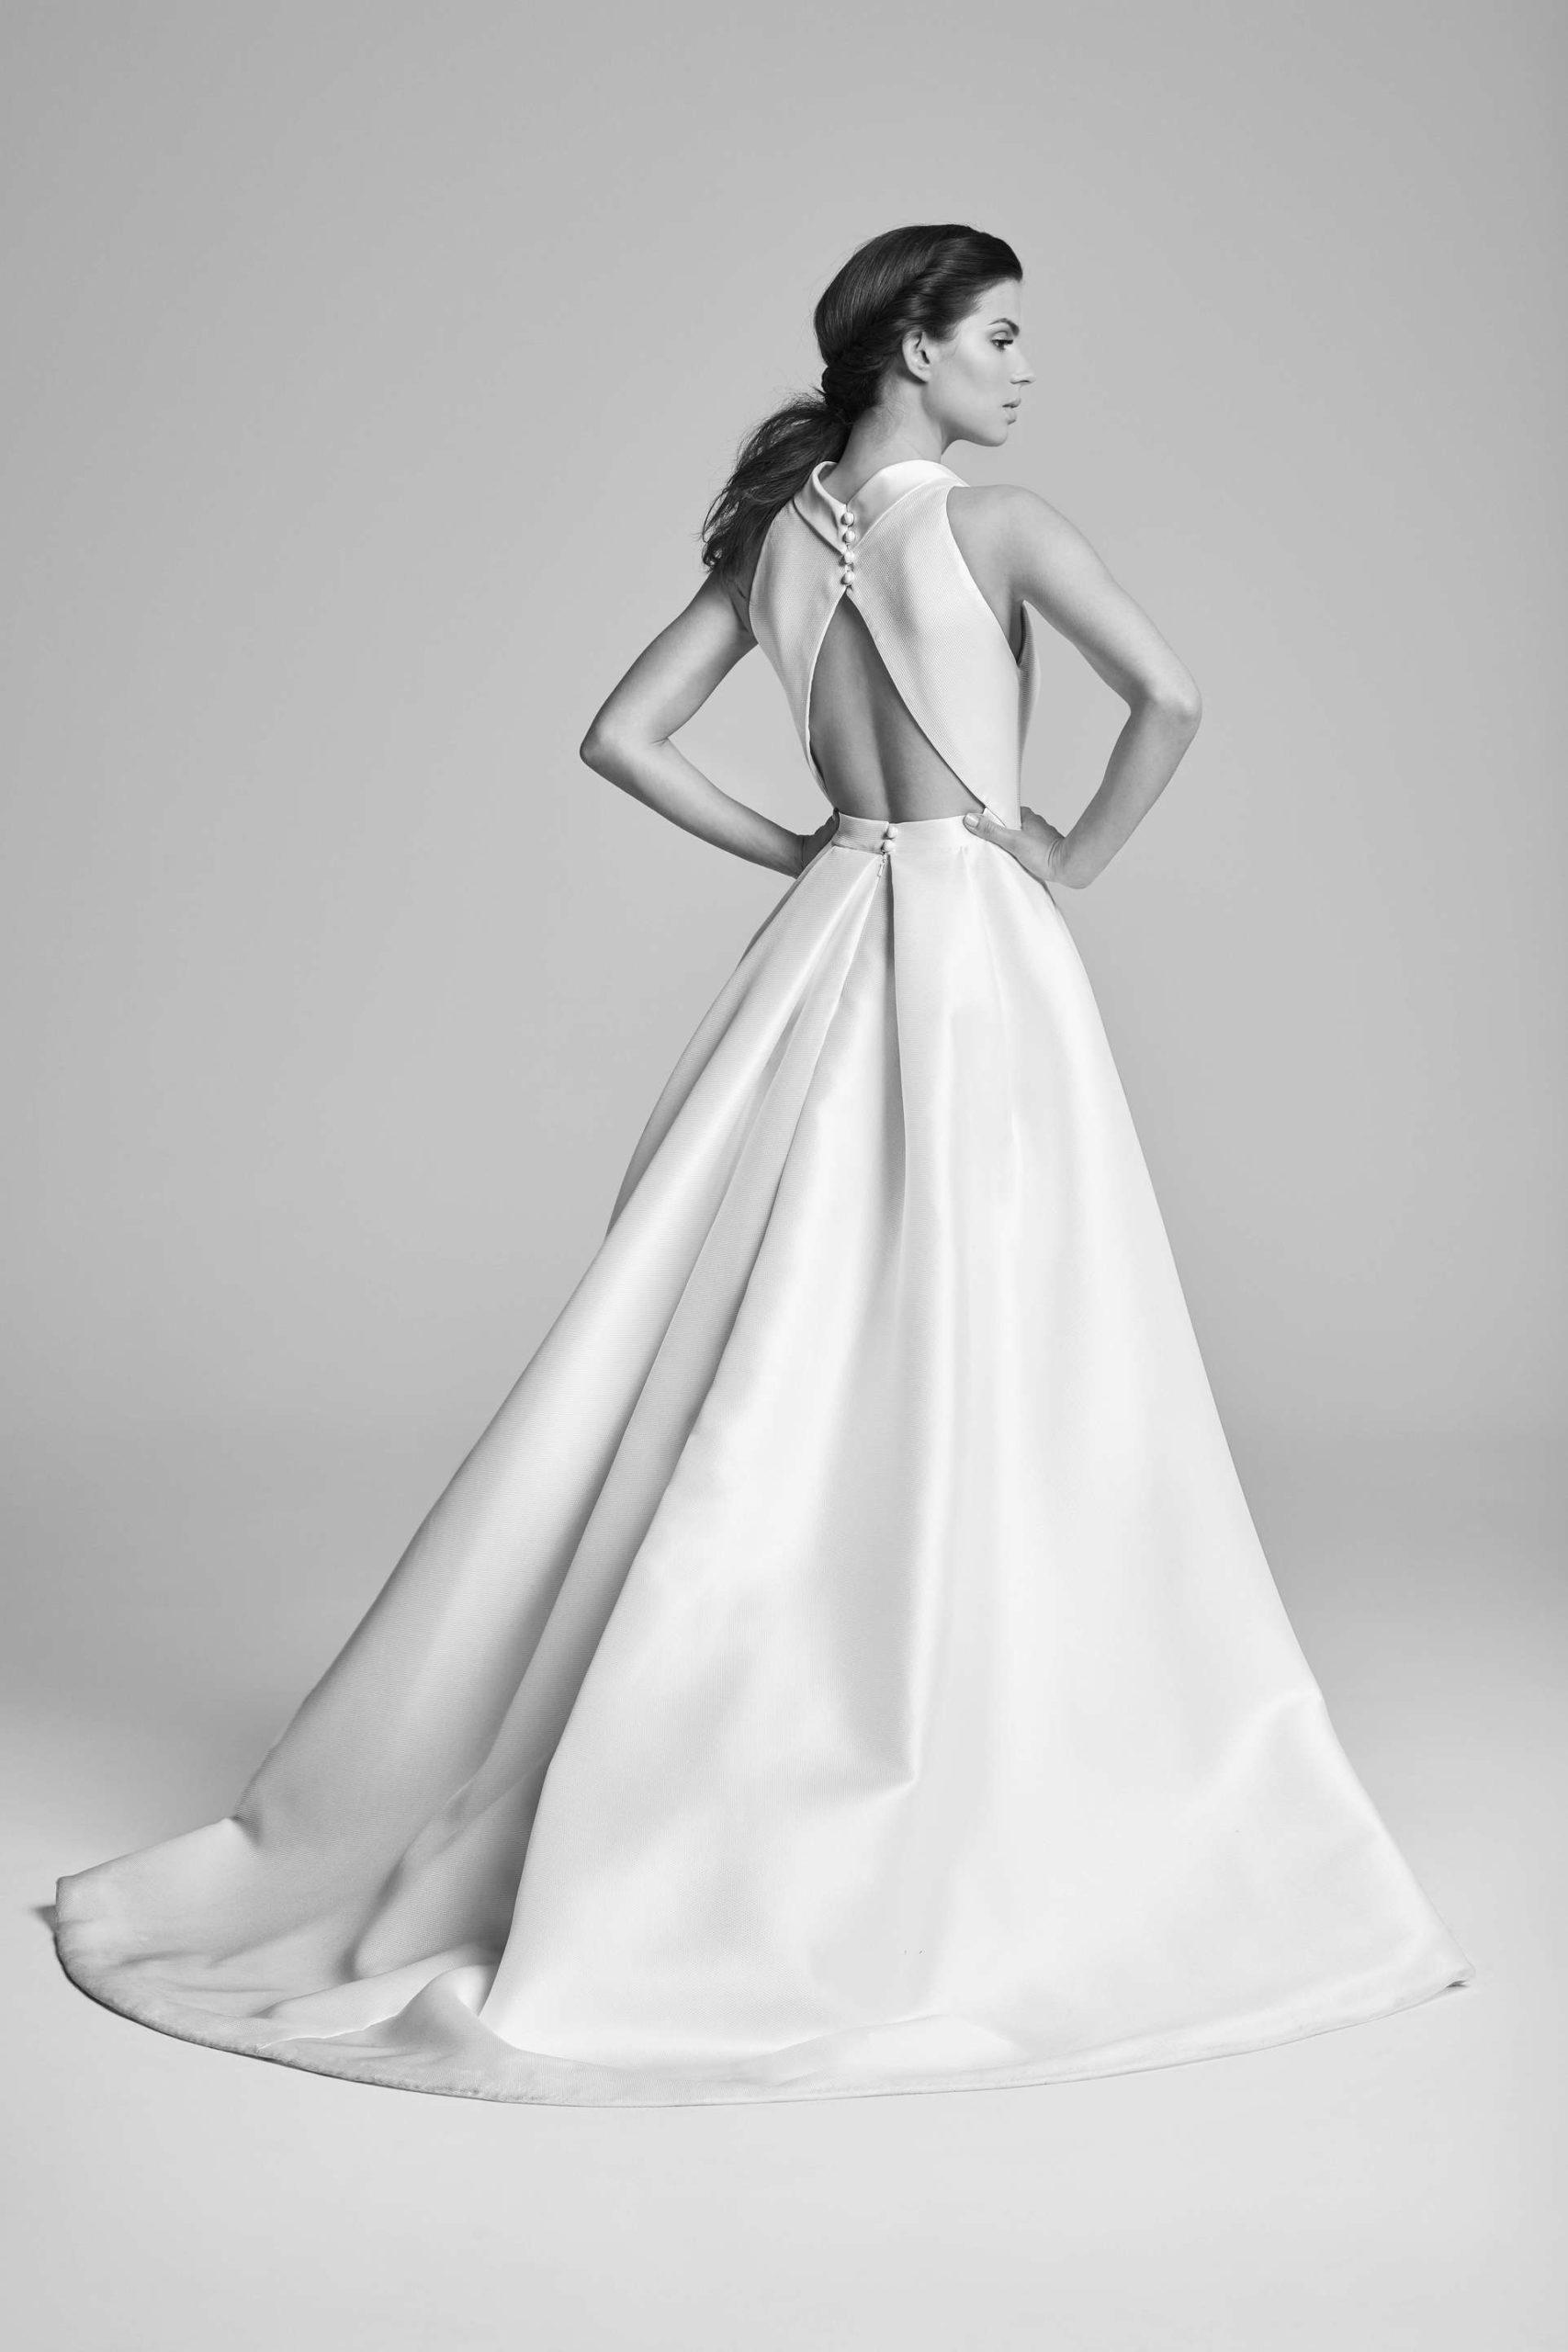 designer-wedding-dress-paris-suzanne-neville-swanson